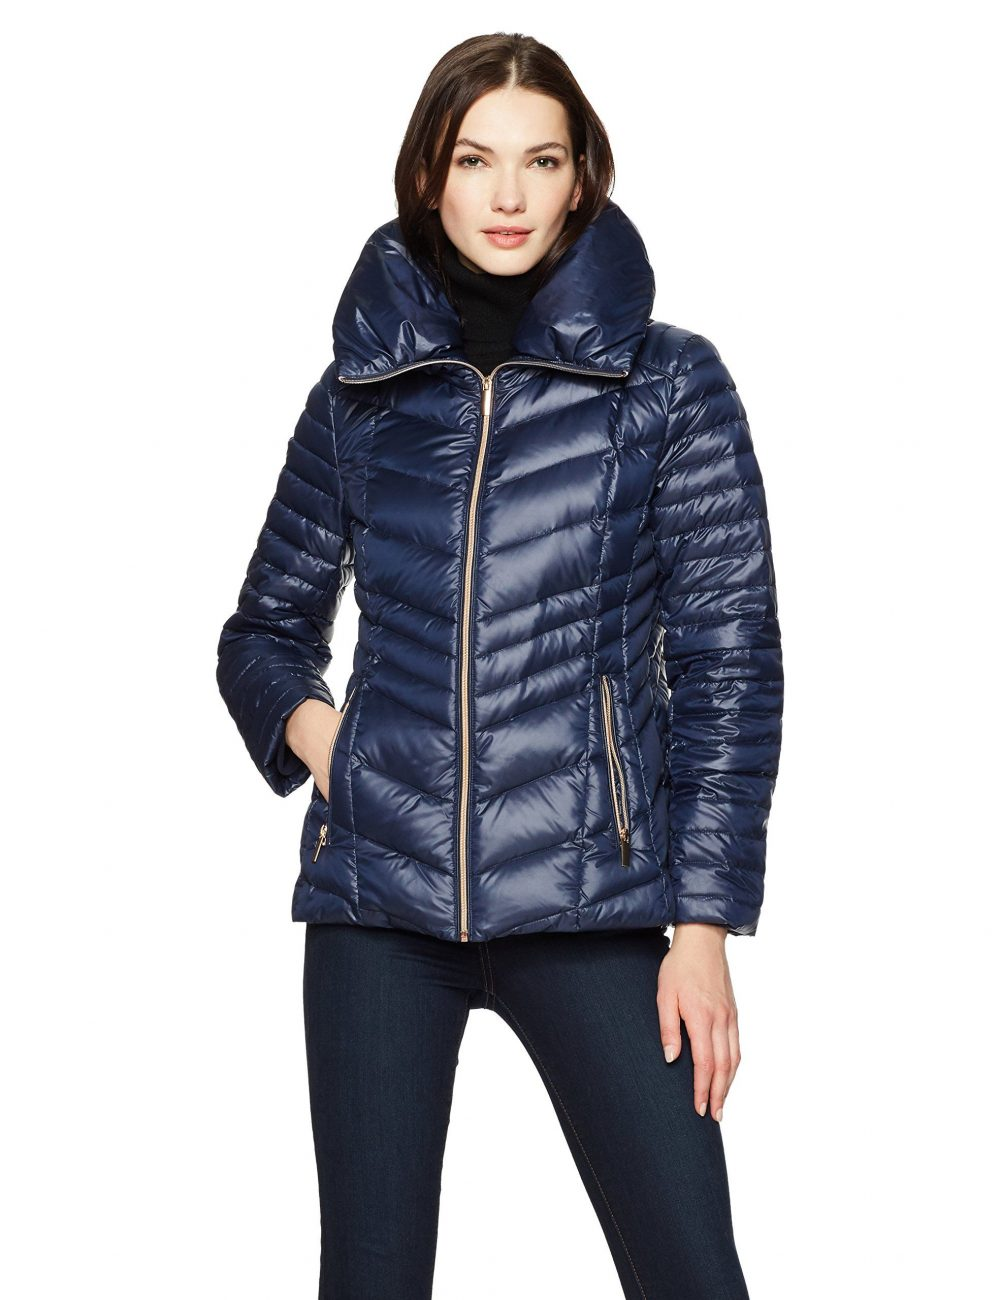 HAVEN OUTERWEAR Women's Pillow Collar Packable Down Puffer Jacket